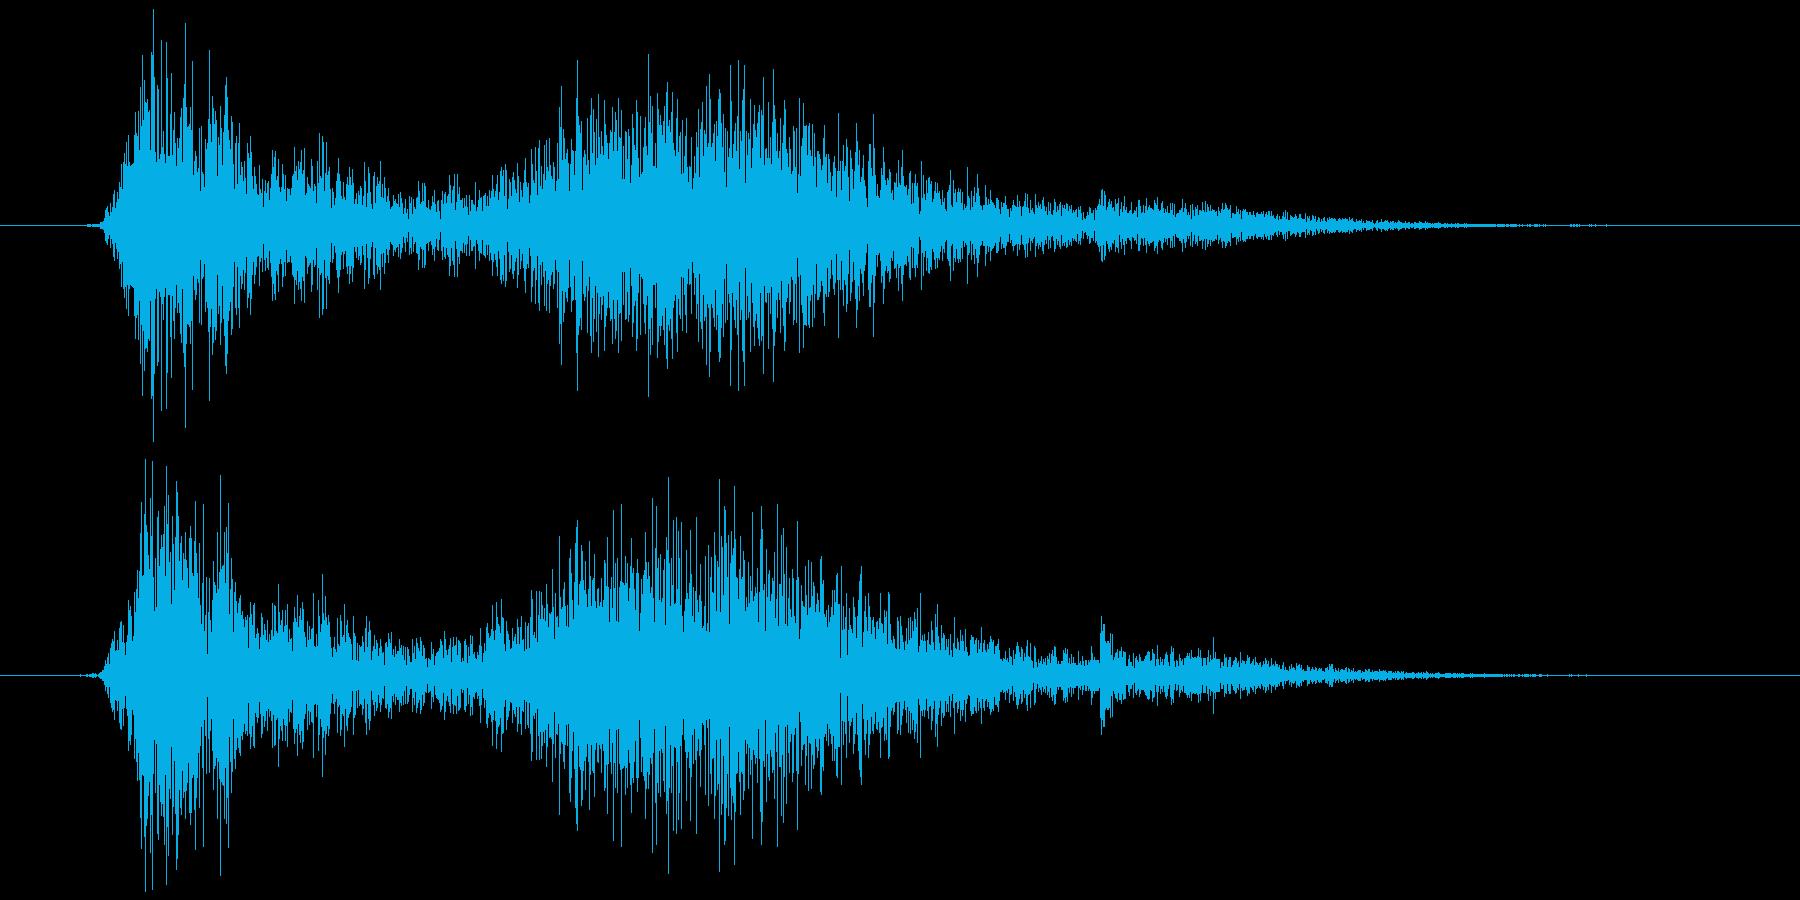 テレビ/ブラウン管 カシュッ+チリッの再生済みの波形